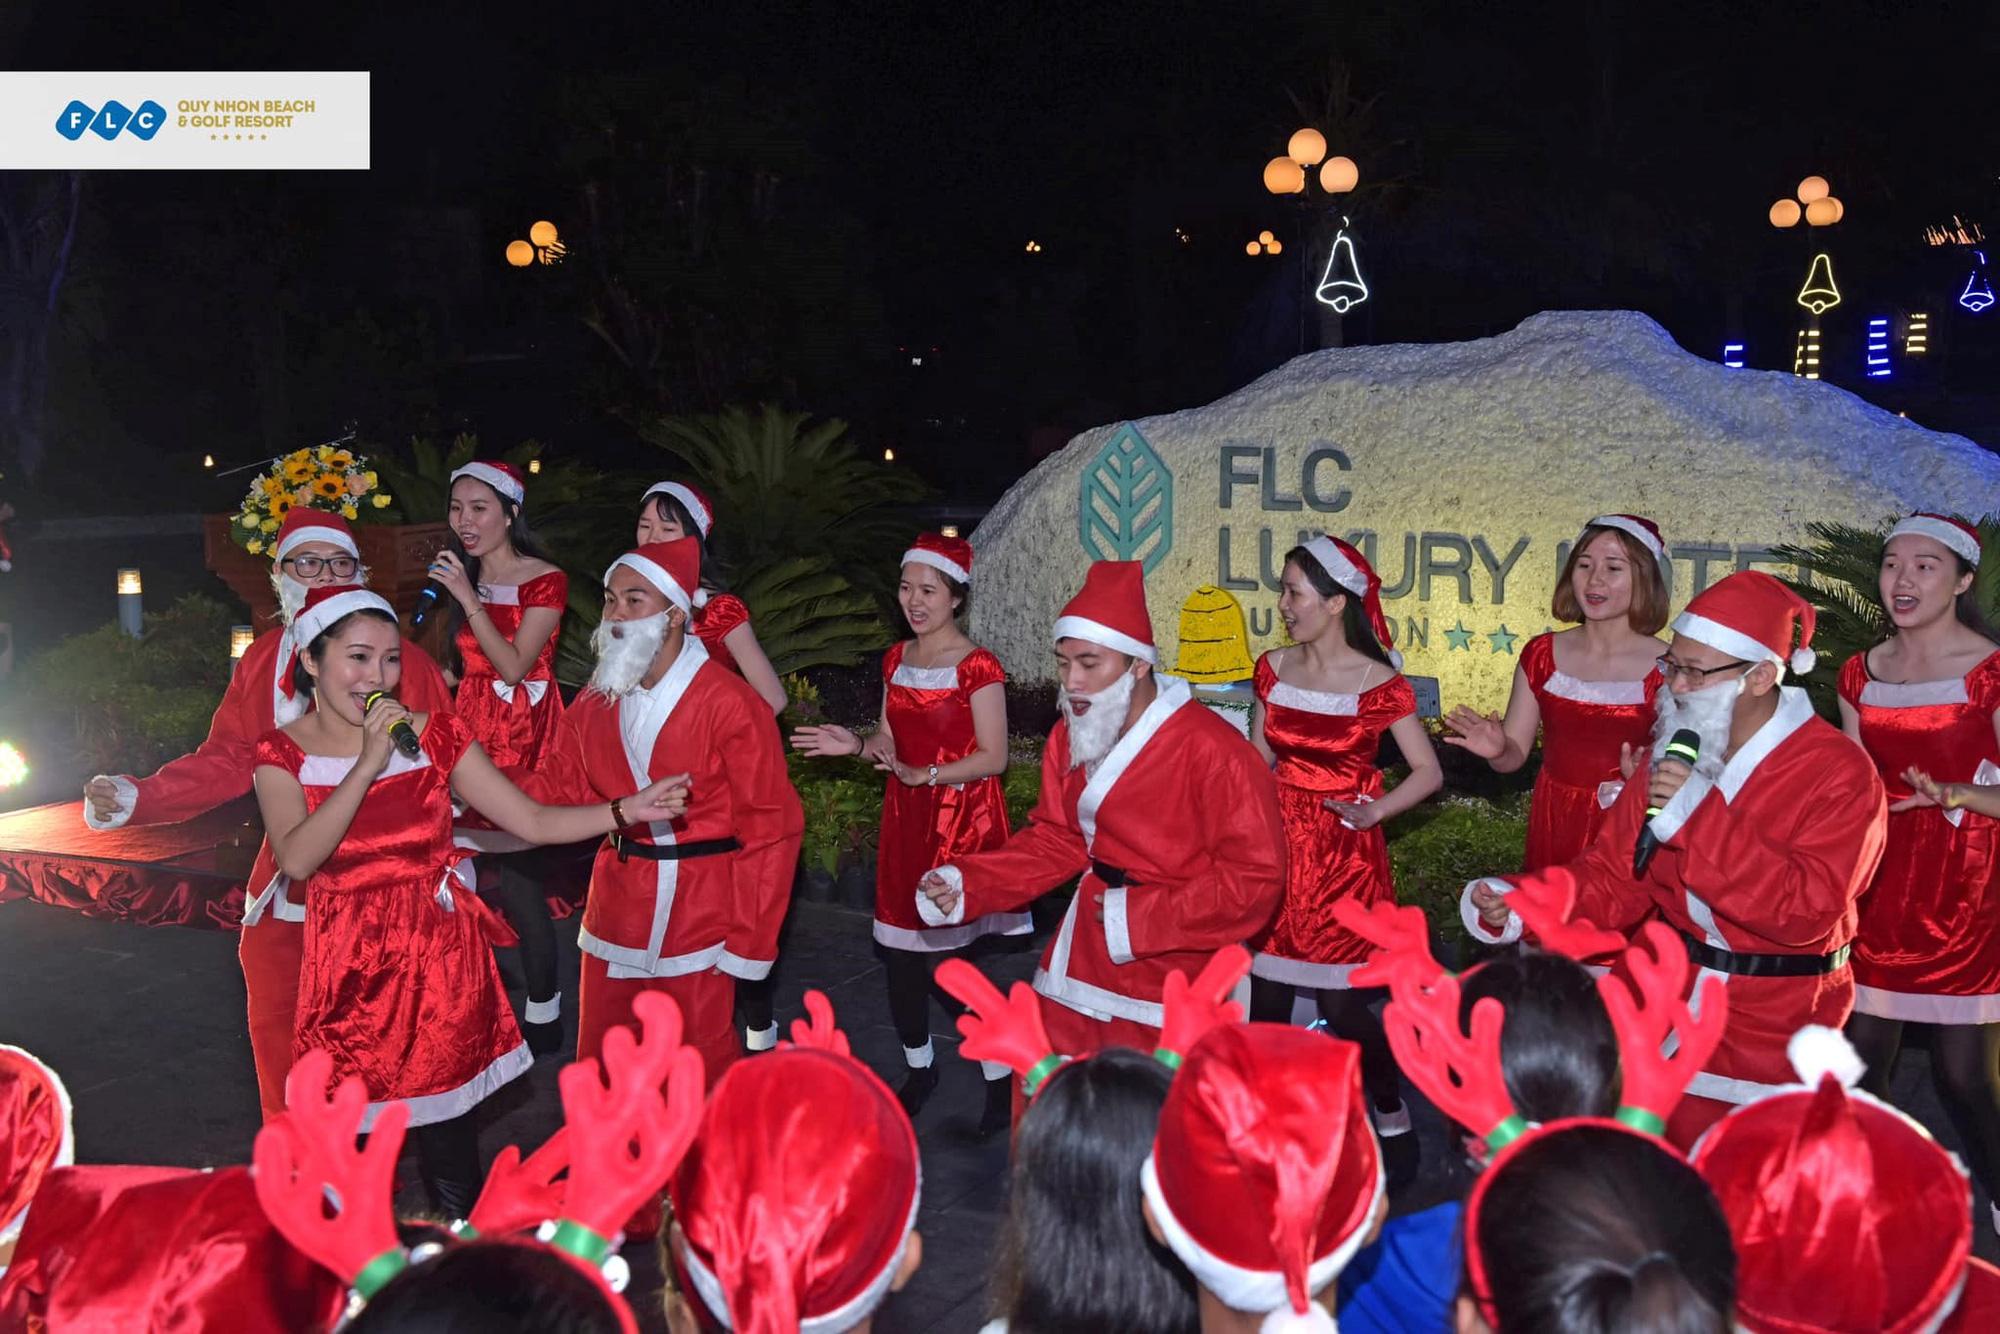 Rực rỡ mùa lễ hội cuối năm tại hệ thống quần thể FLC Hotels & Resorts - Ảnh 4.